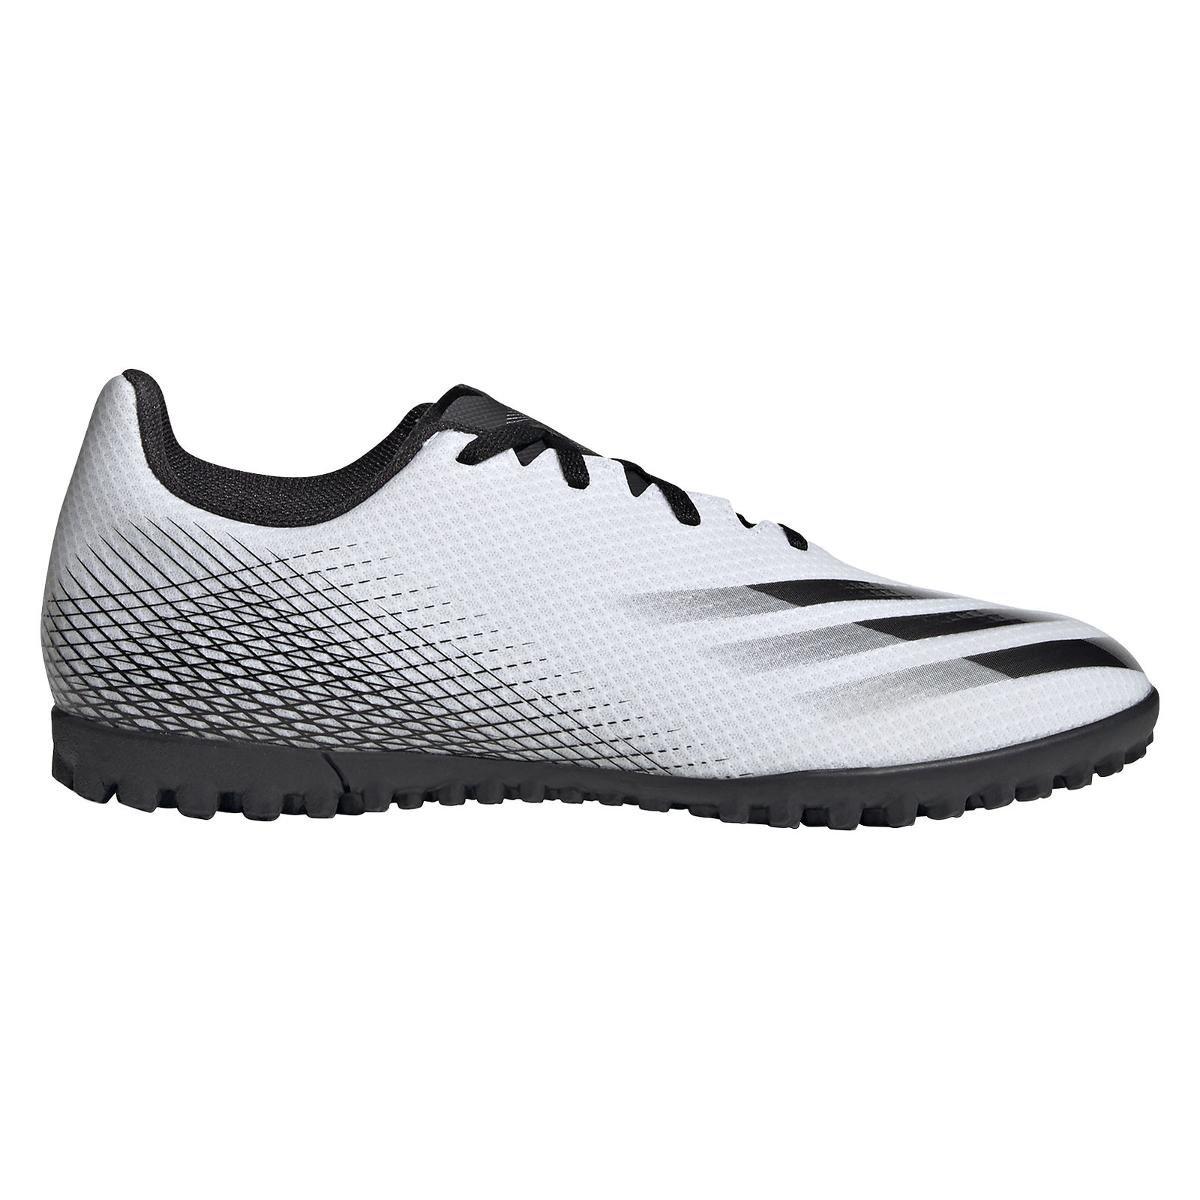 Buty Pilkarskie Turfy Adidas X Ghosted 4 Tf Fw6789 R 43 3 Adidas Sport Sklep Empik Com